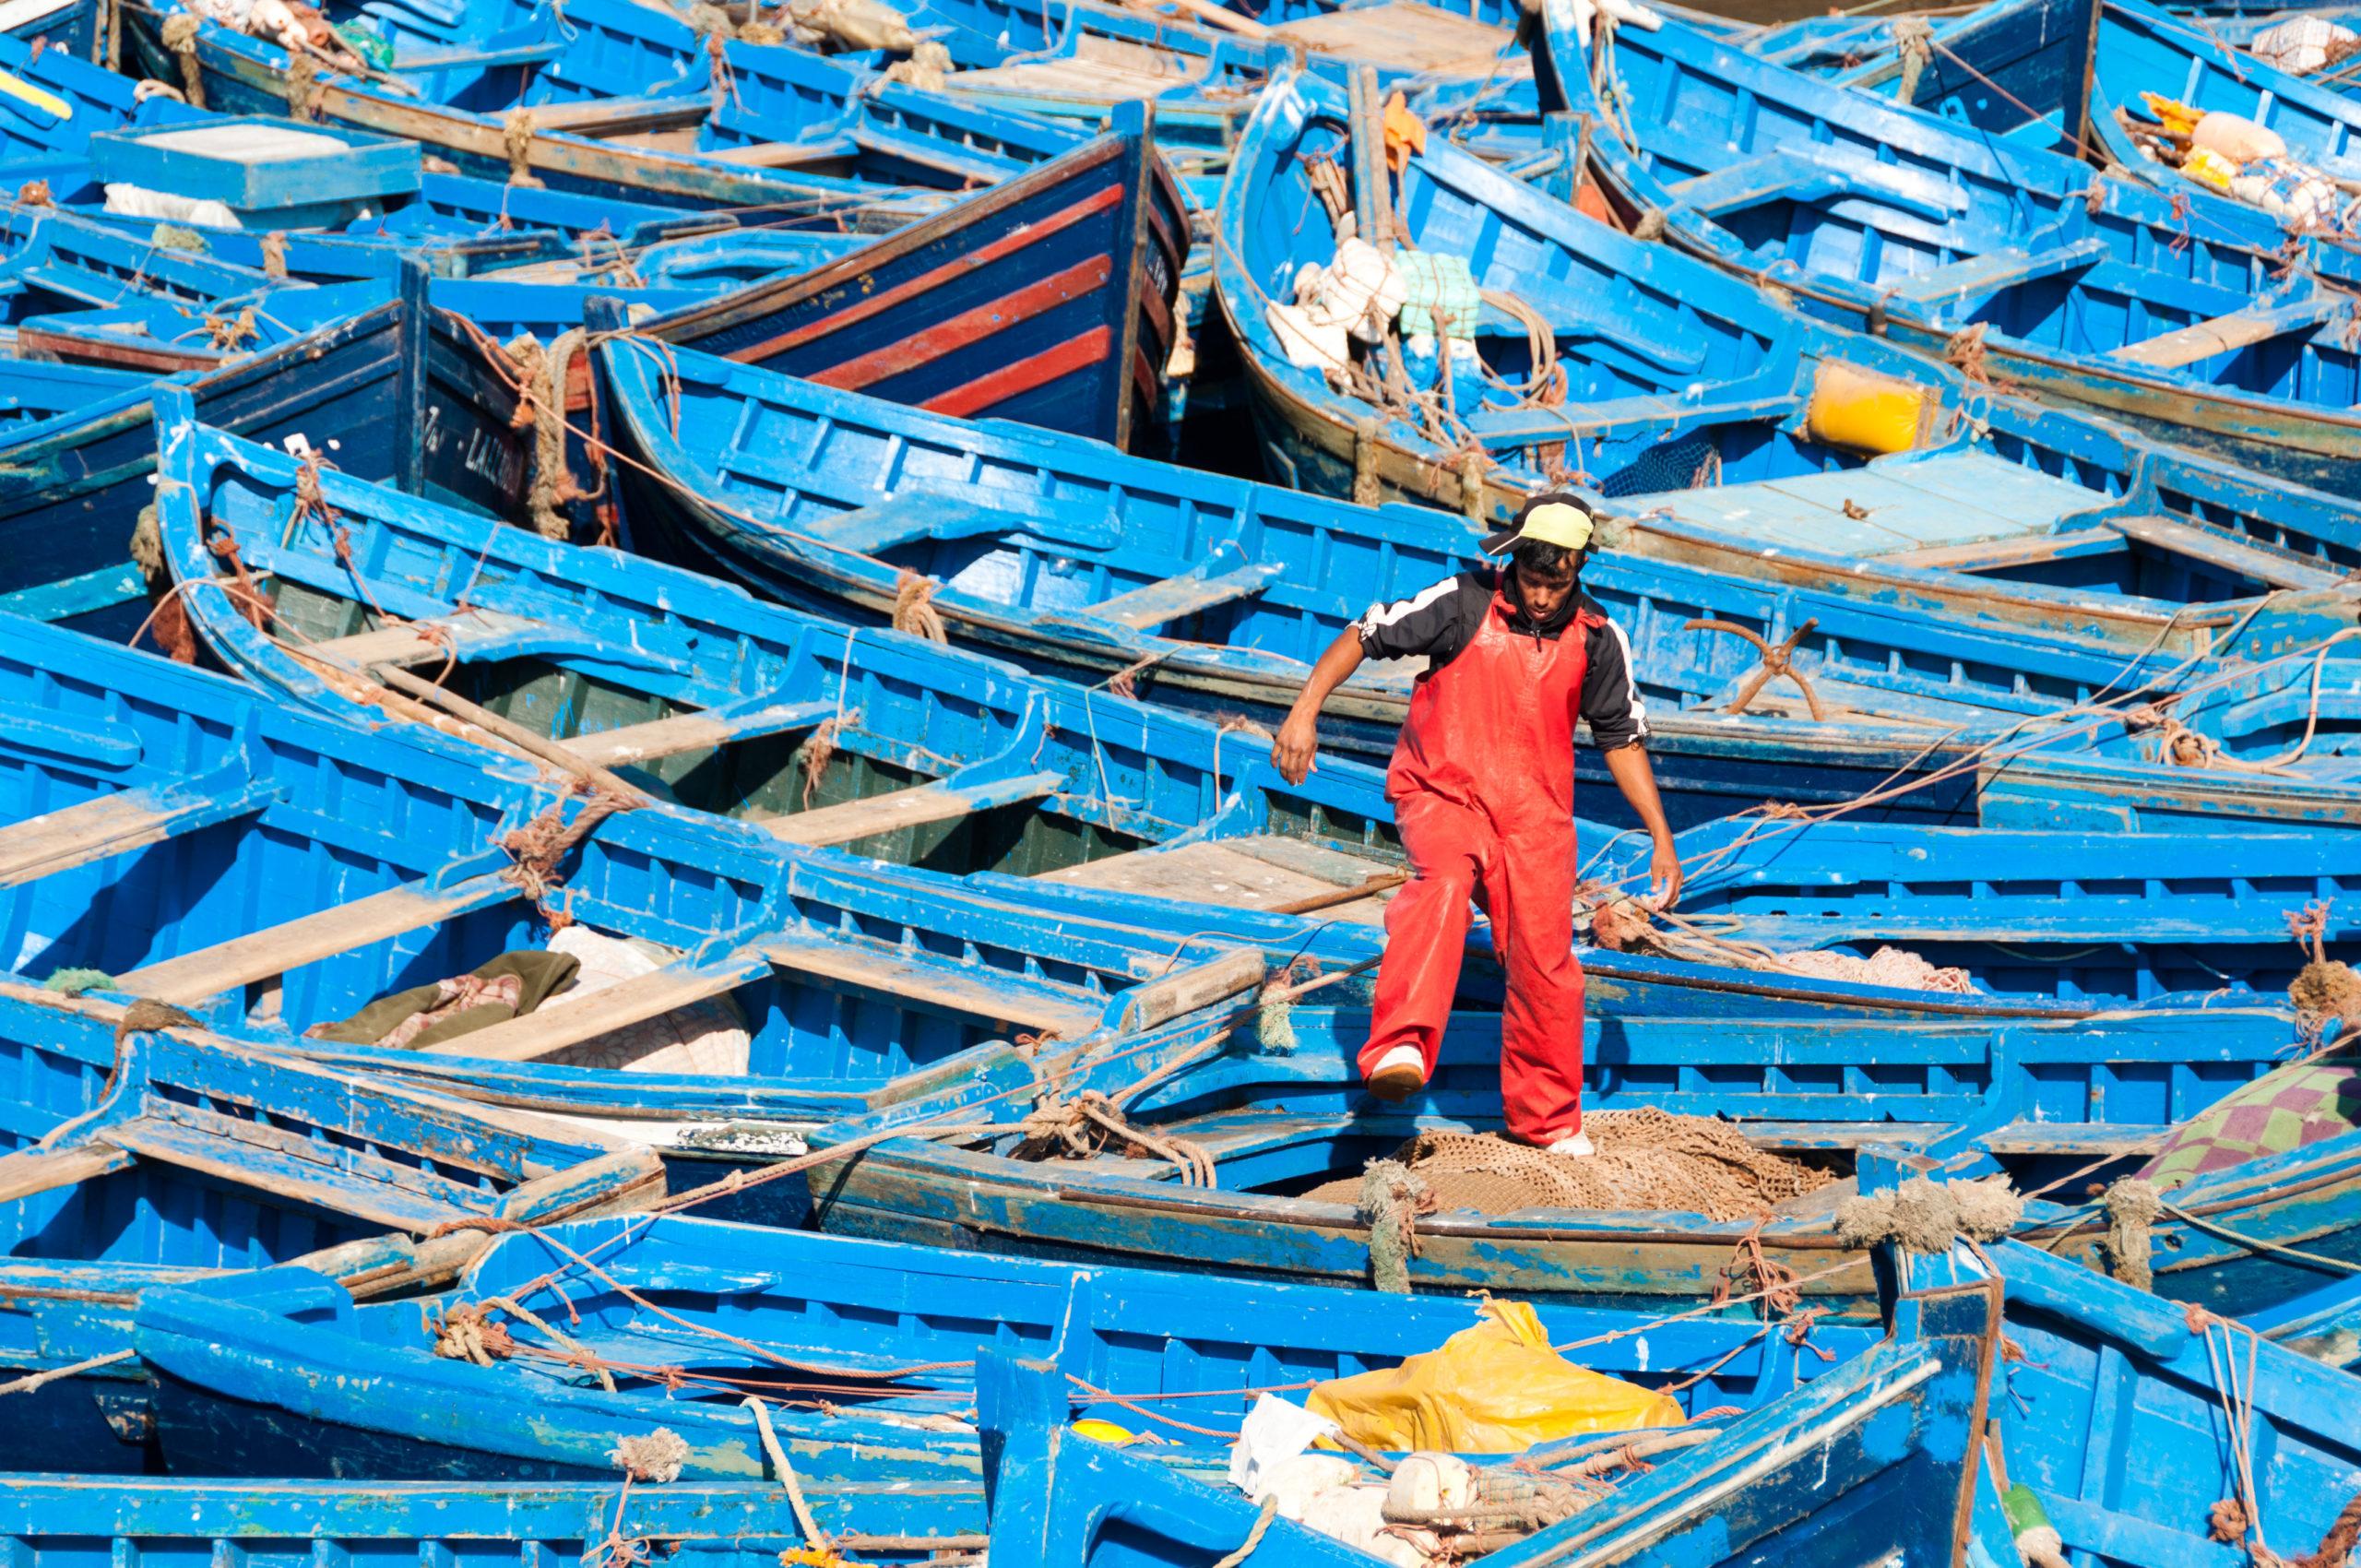 Marokkolaisia kalastusveneitä Essaouiran satamassa Atlantin rannikolla. Kuva: Mark Fischer/Flickr